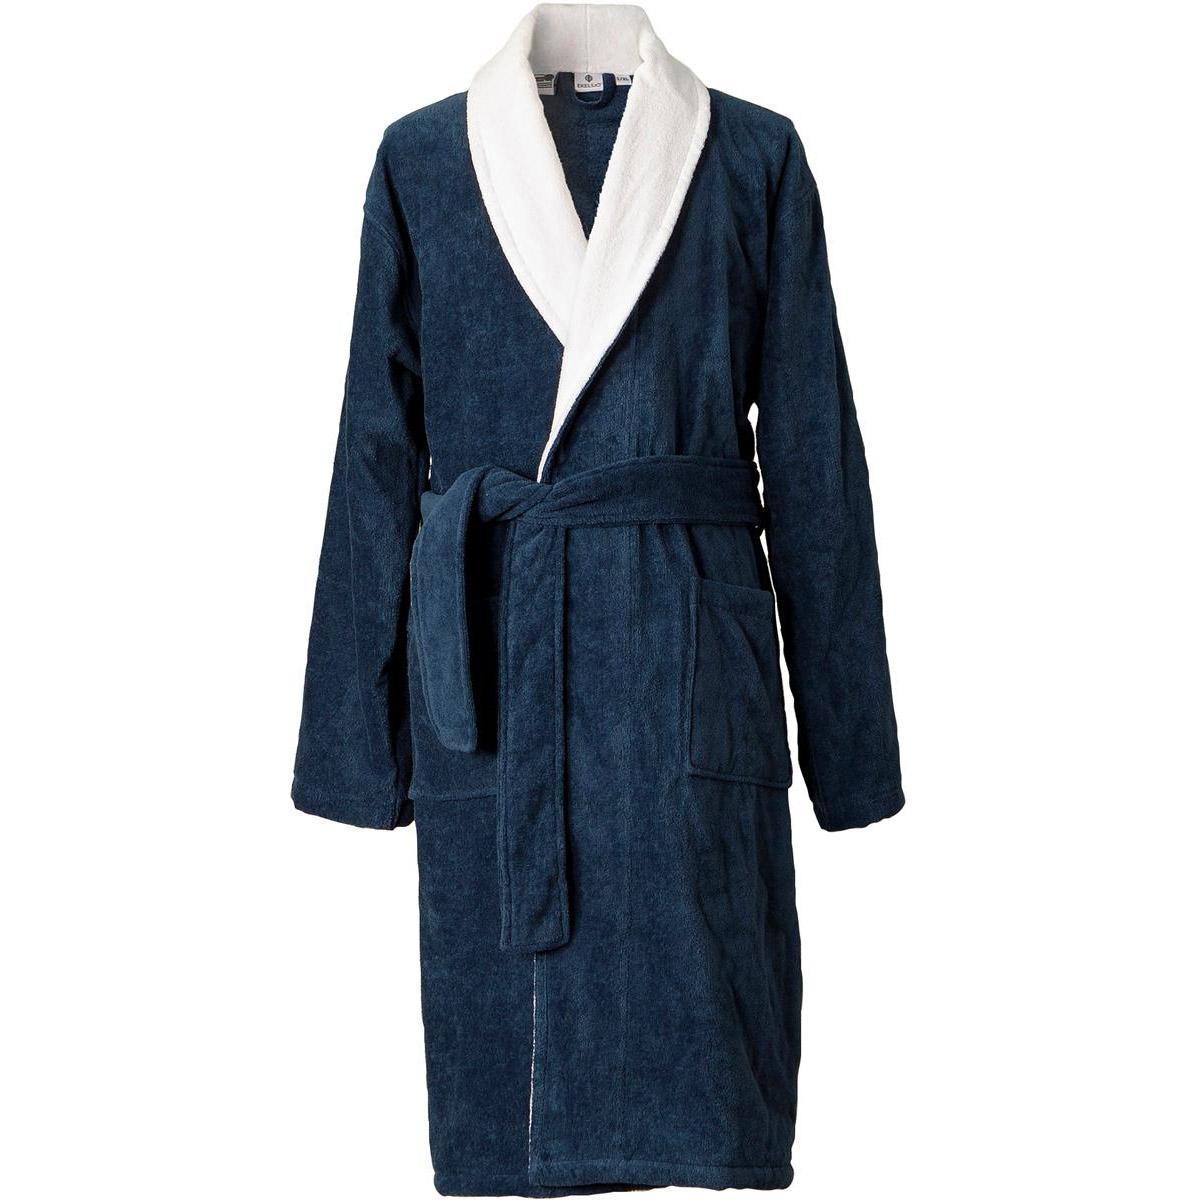 Ekelsjö badrock blå med vitt slag L/XL